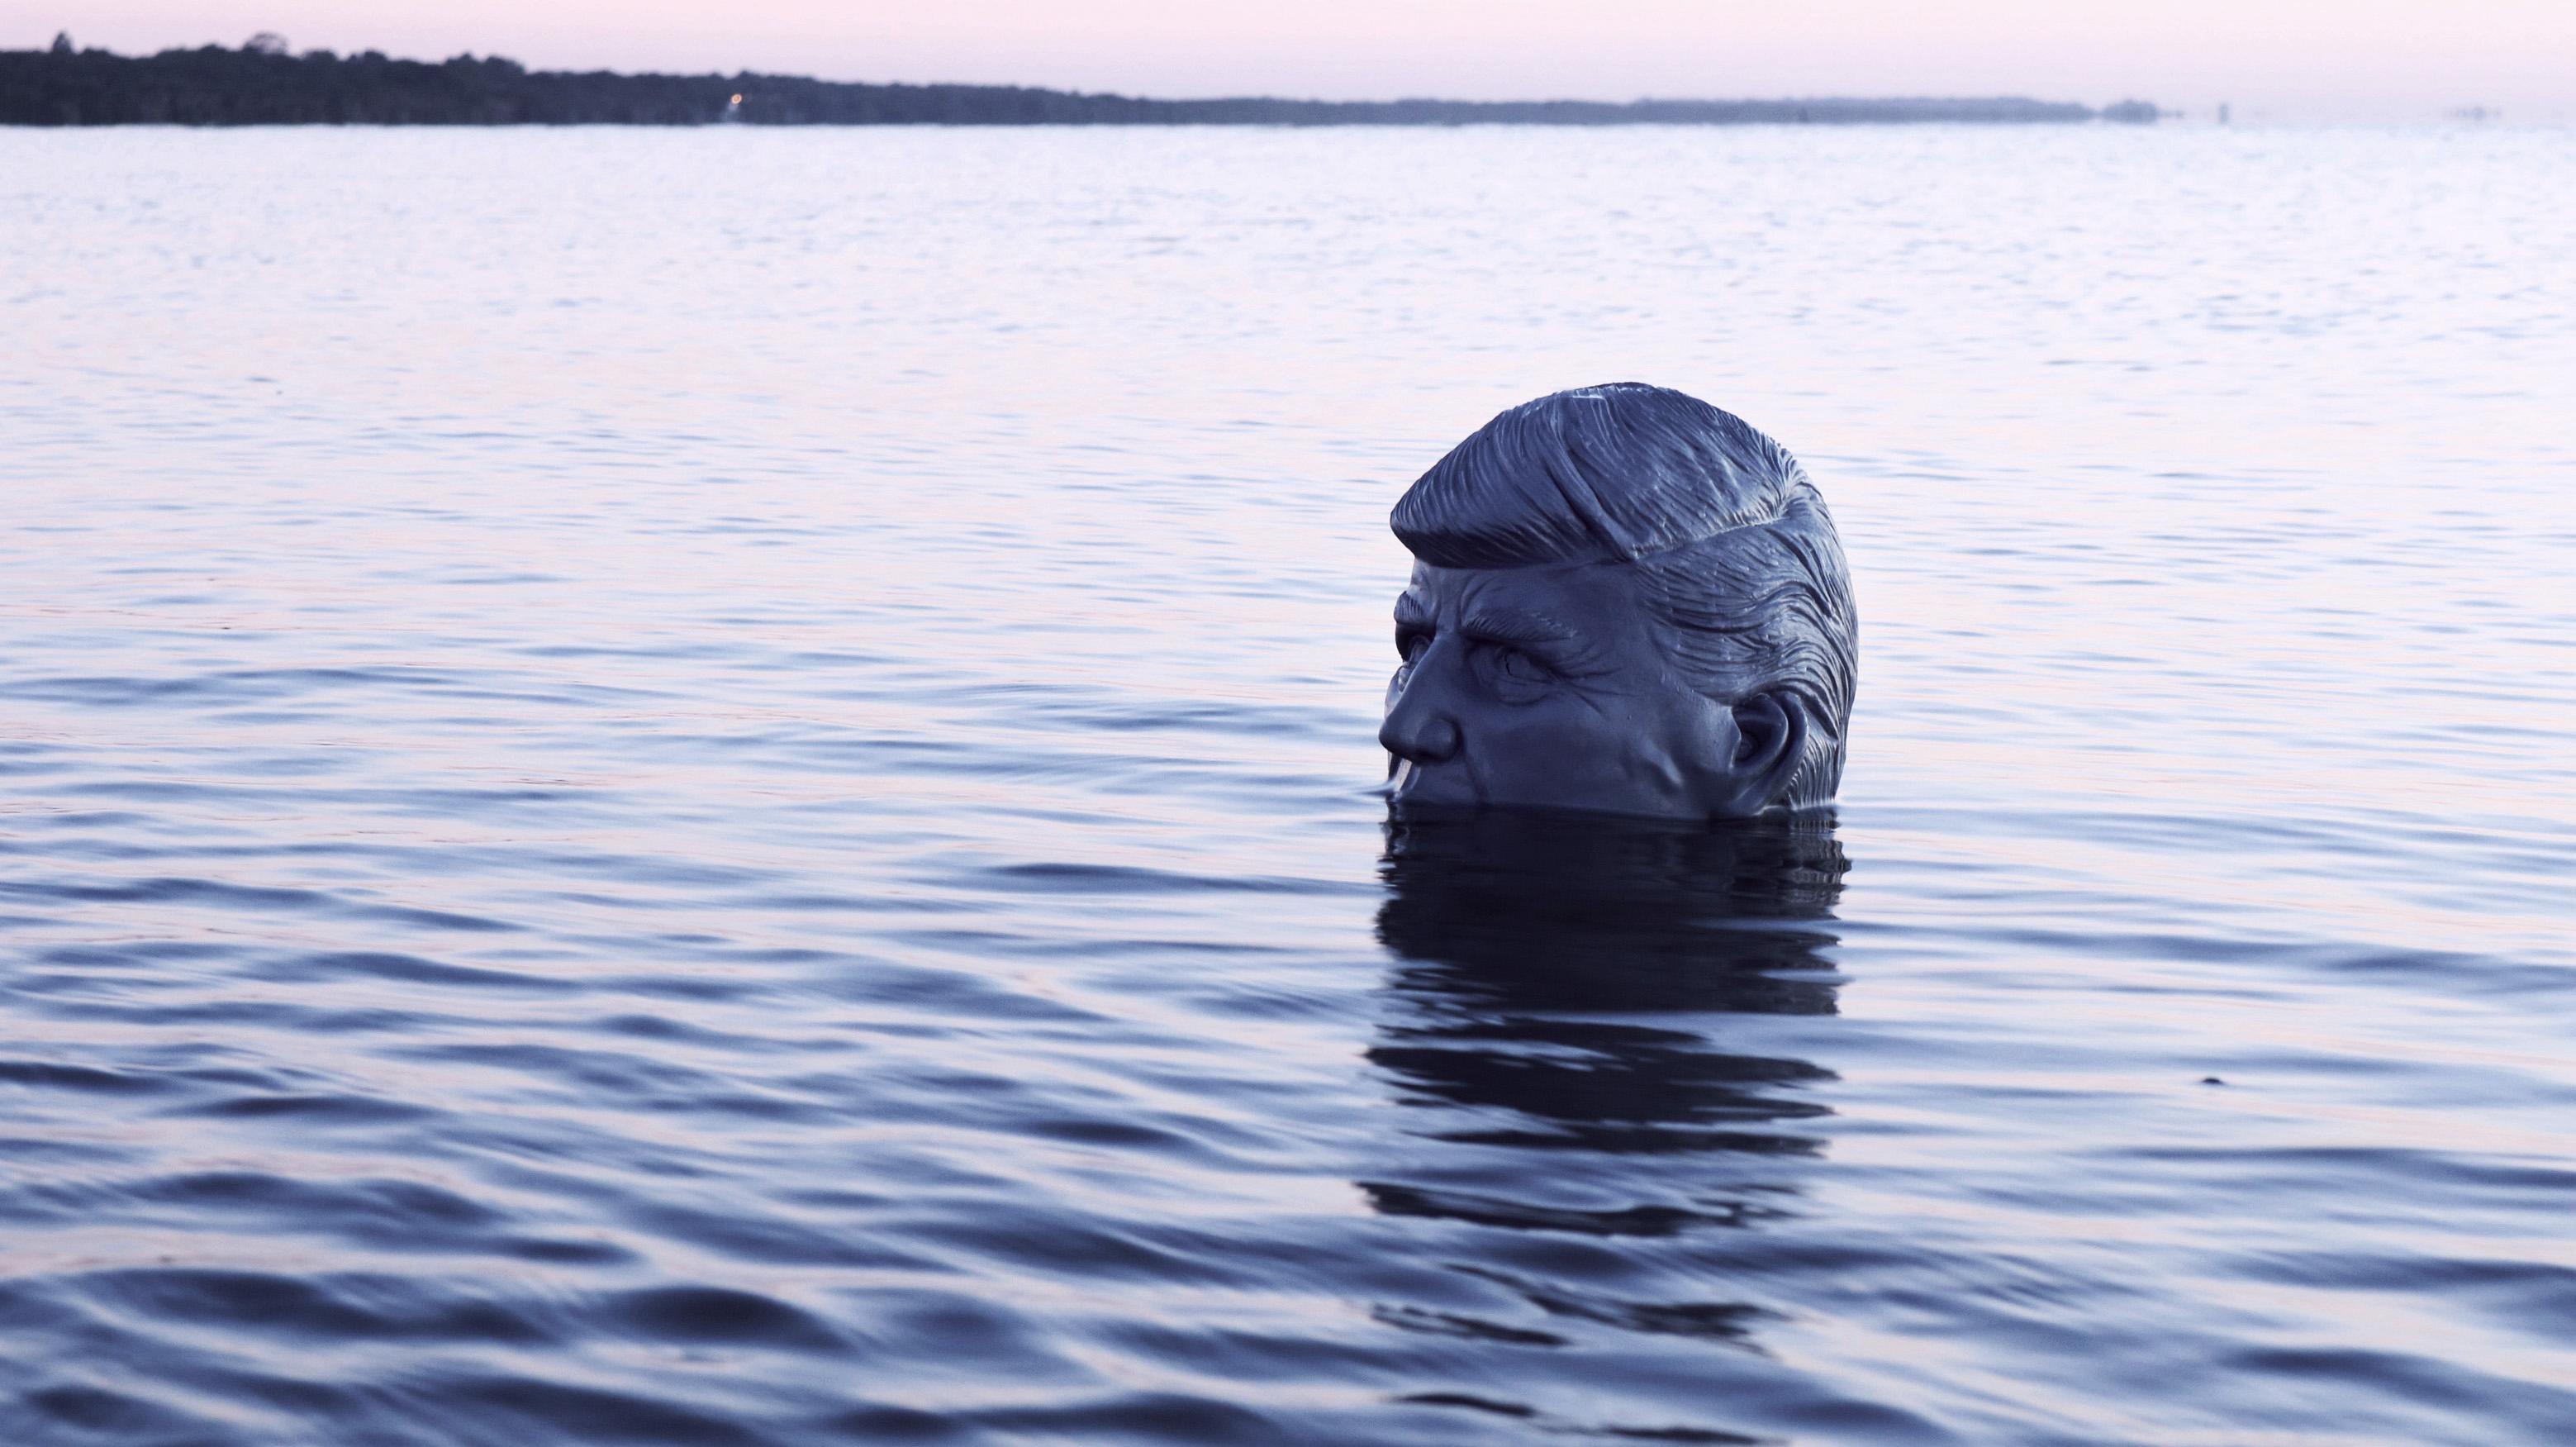 Eine Langsam Im Wasser Versinkende Donald Trump Skulptur